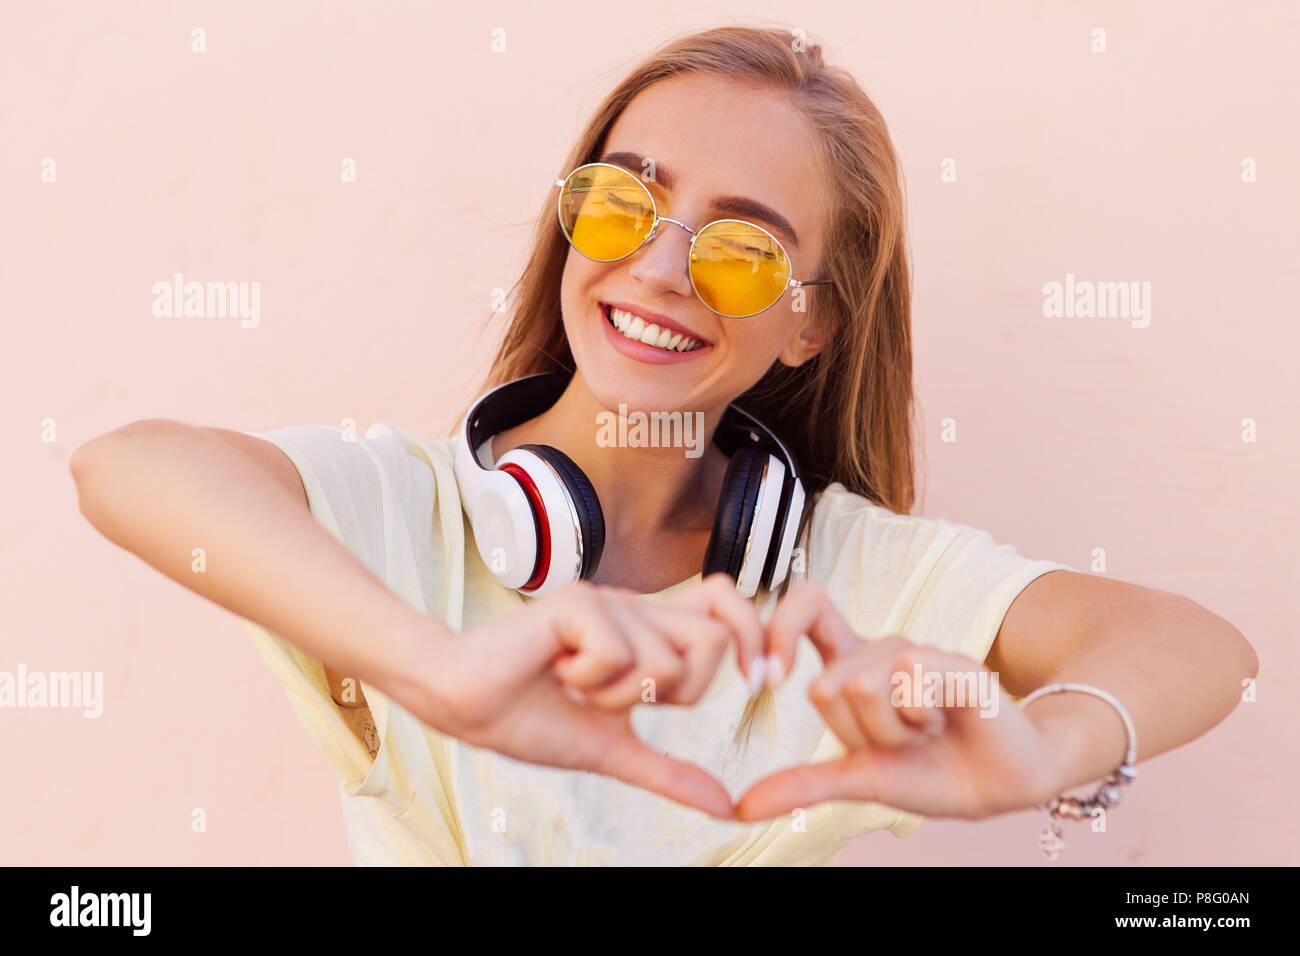 Gafas Belleza Retrato Sonriente Moda Amarillo Con Sol Mujer De dBoeWCEQxr